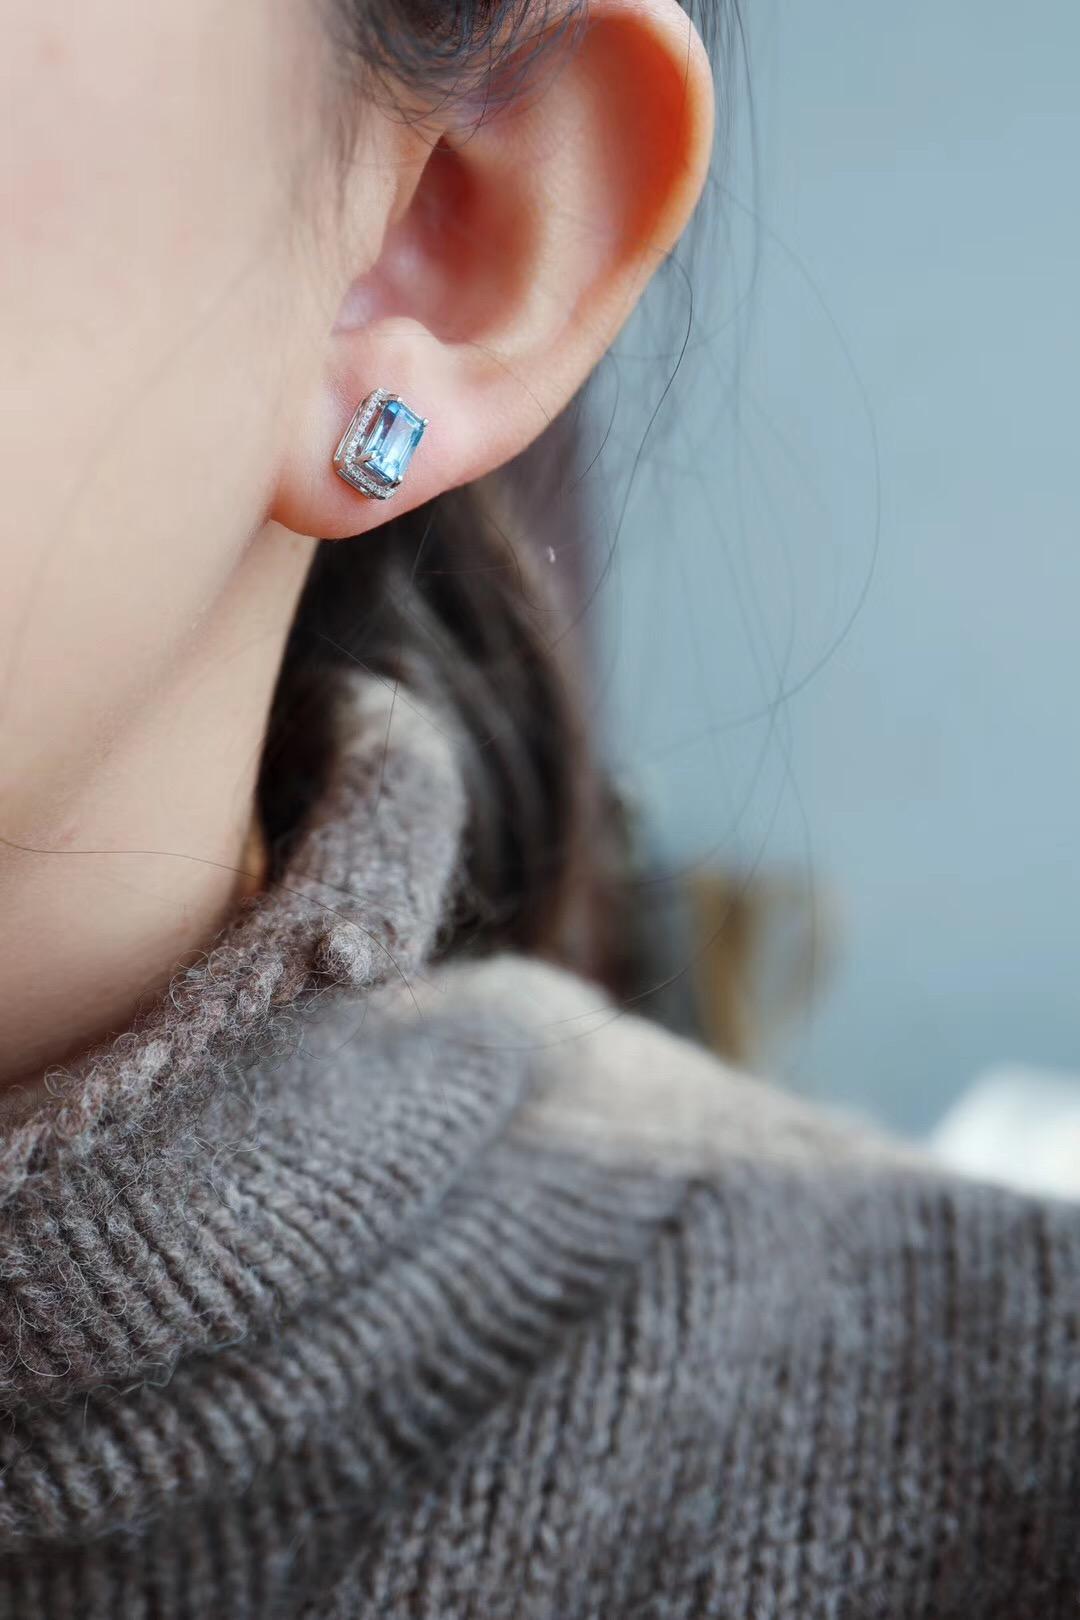 【海蓝宝&白金镶嵌】佩带海蓝宝石能够使人具有先见之明-菩心晶舍